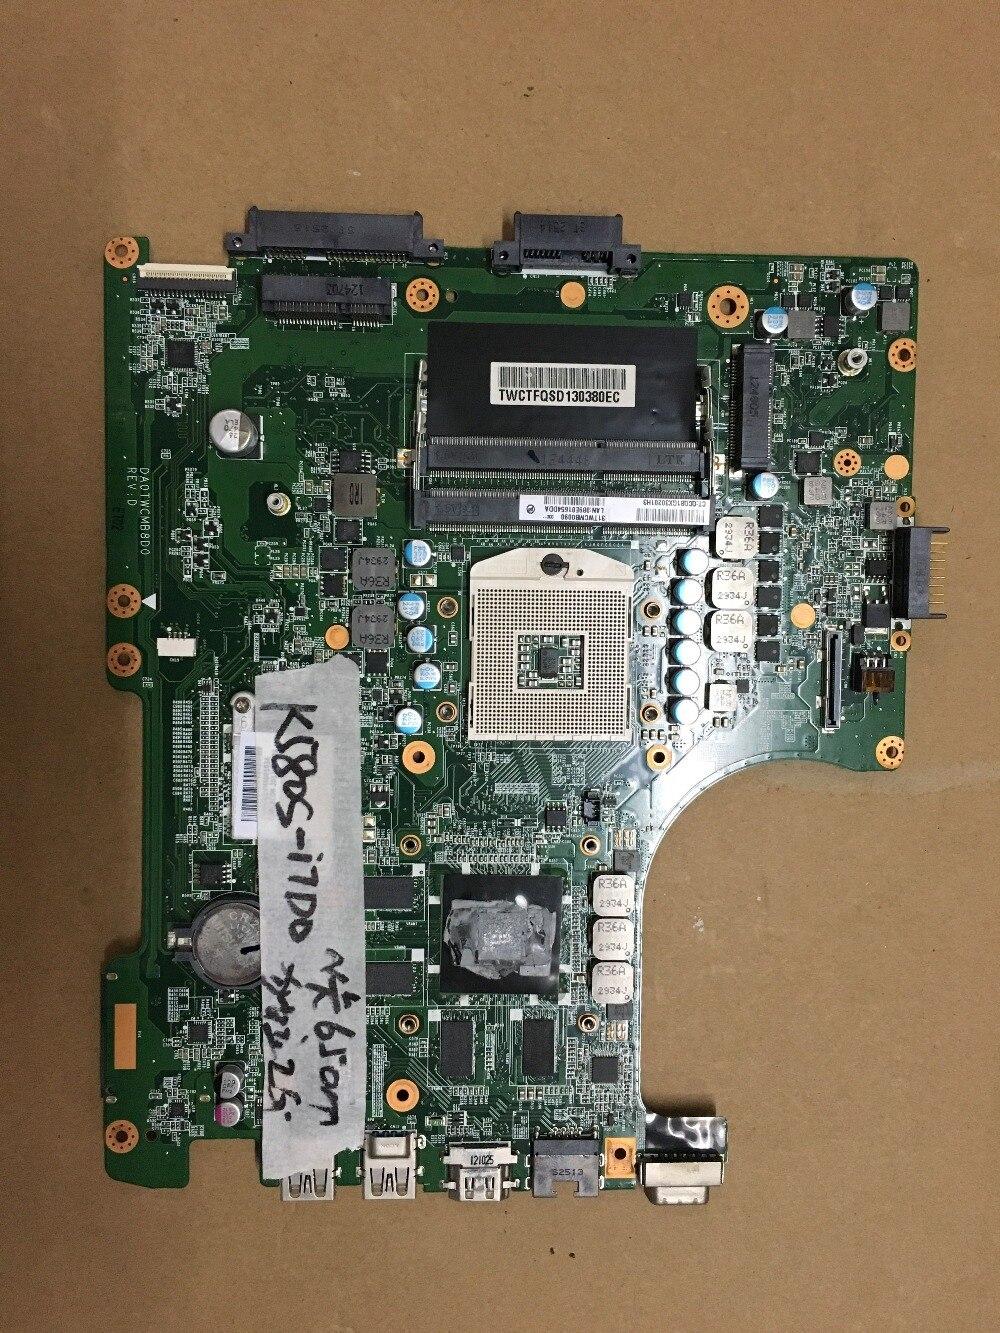 Original I5 I7 Motherboard For K580S  Mainboard DA0TWCMB8D0 GT640M  GT650M  fully tested Original I5 I7 Motherboard For K580S  Mainboard DA0TWCMB8D0 GT640M  GT650M  fully tested